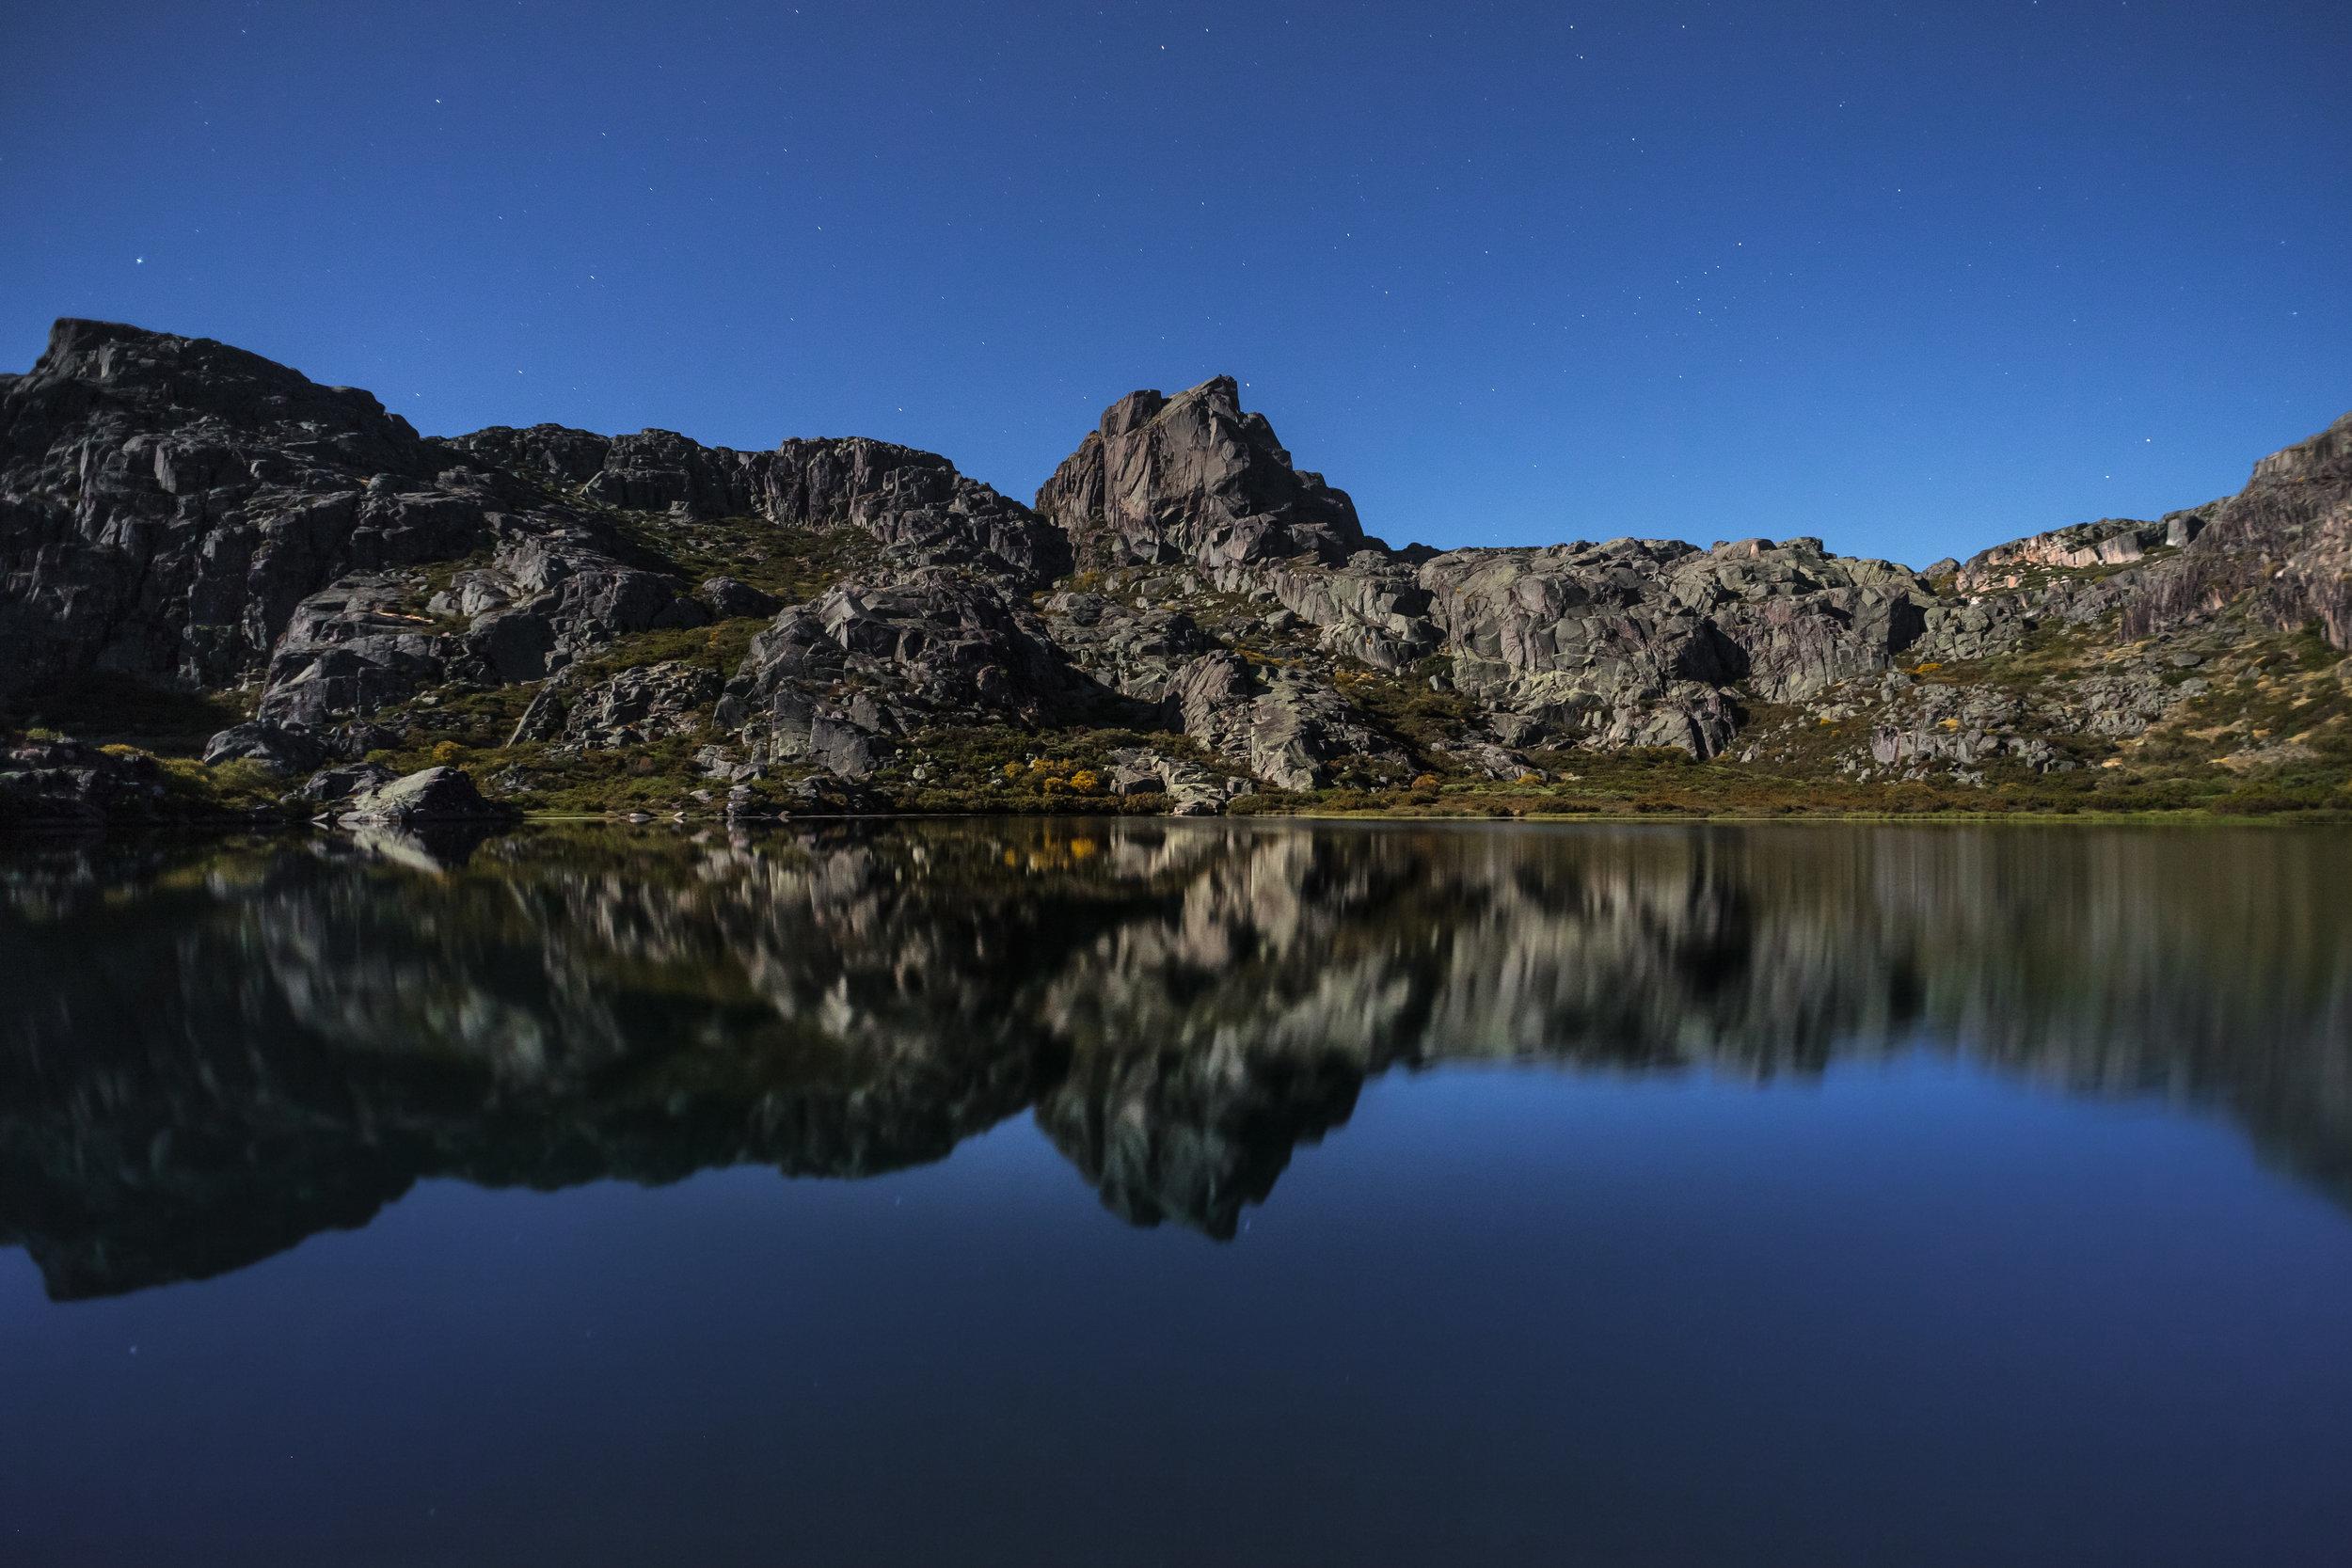 Serra da Estrela | Lagoa do Peixão